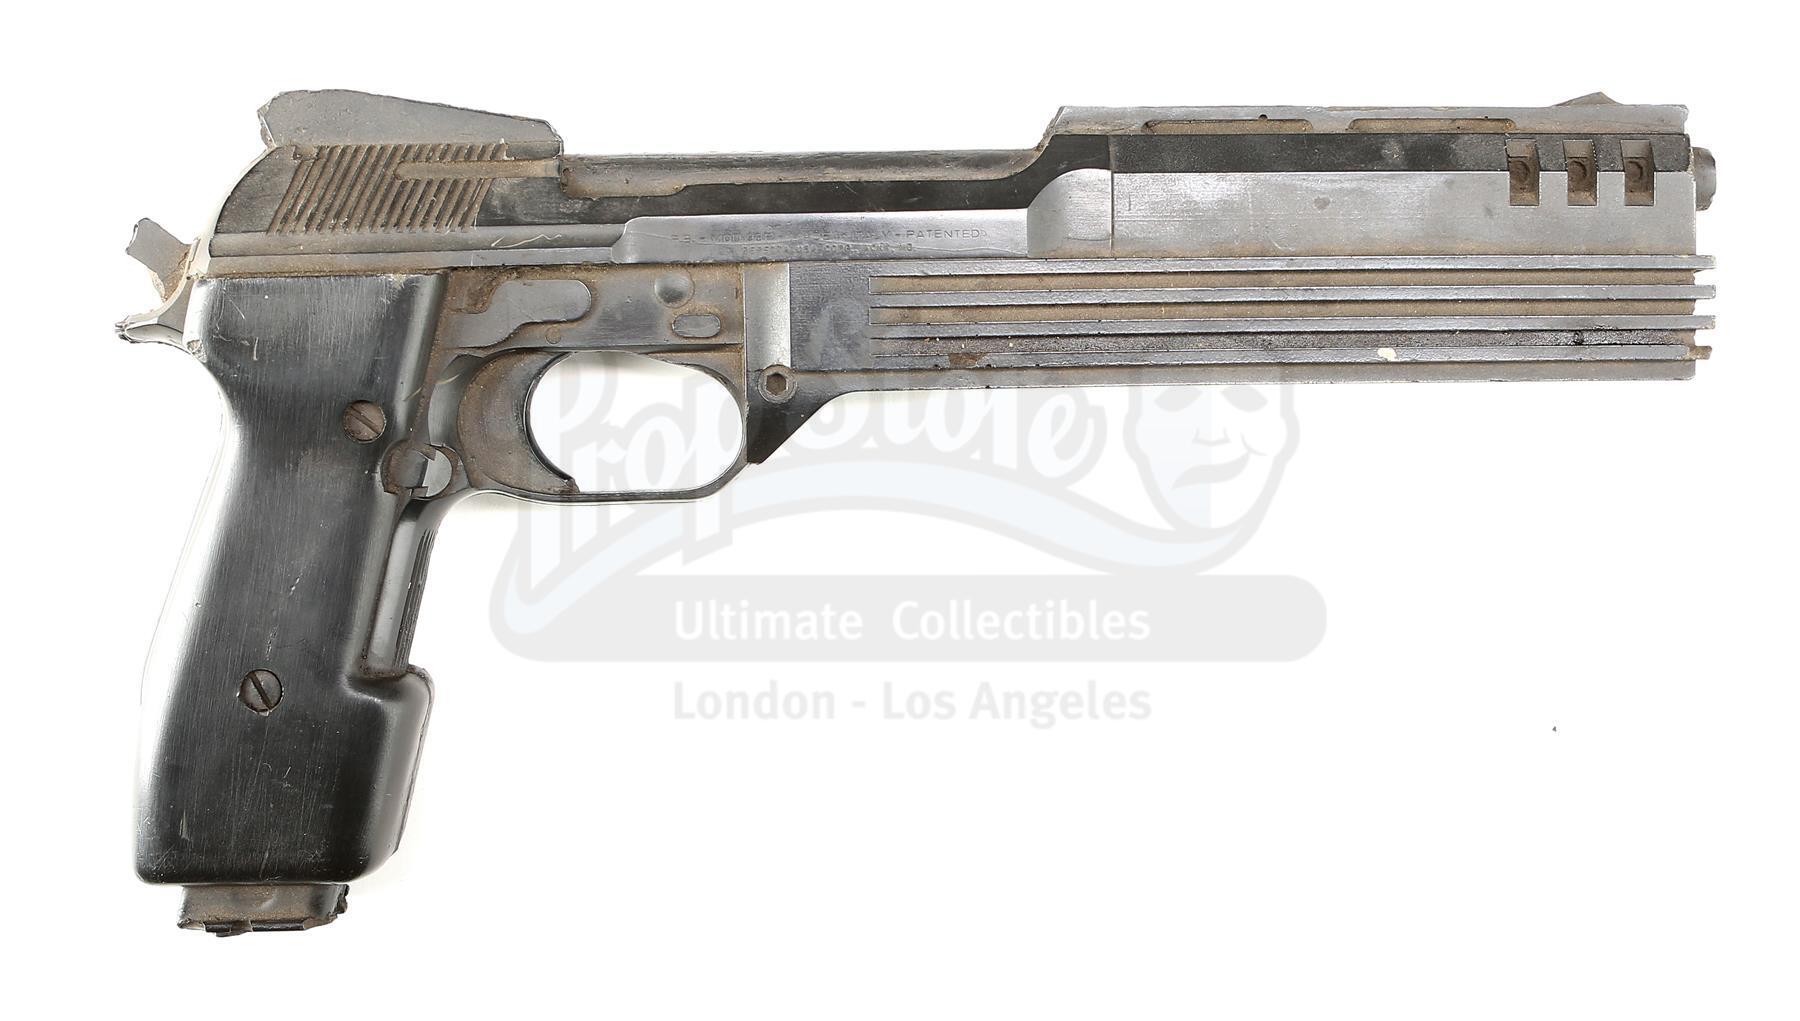 Lot # 217: ROBOCOP - RoboCop's (Peter Weller) Auto 9 Pistol